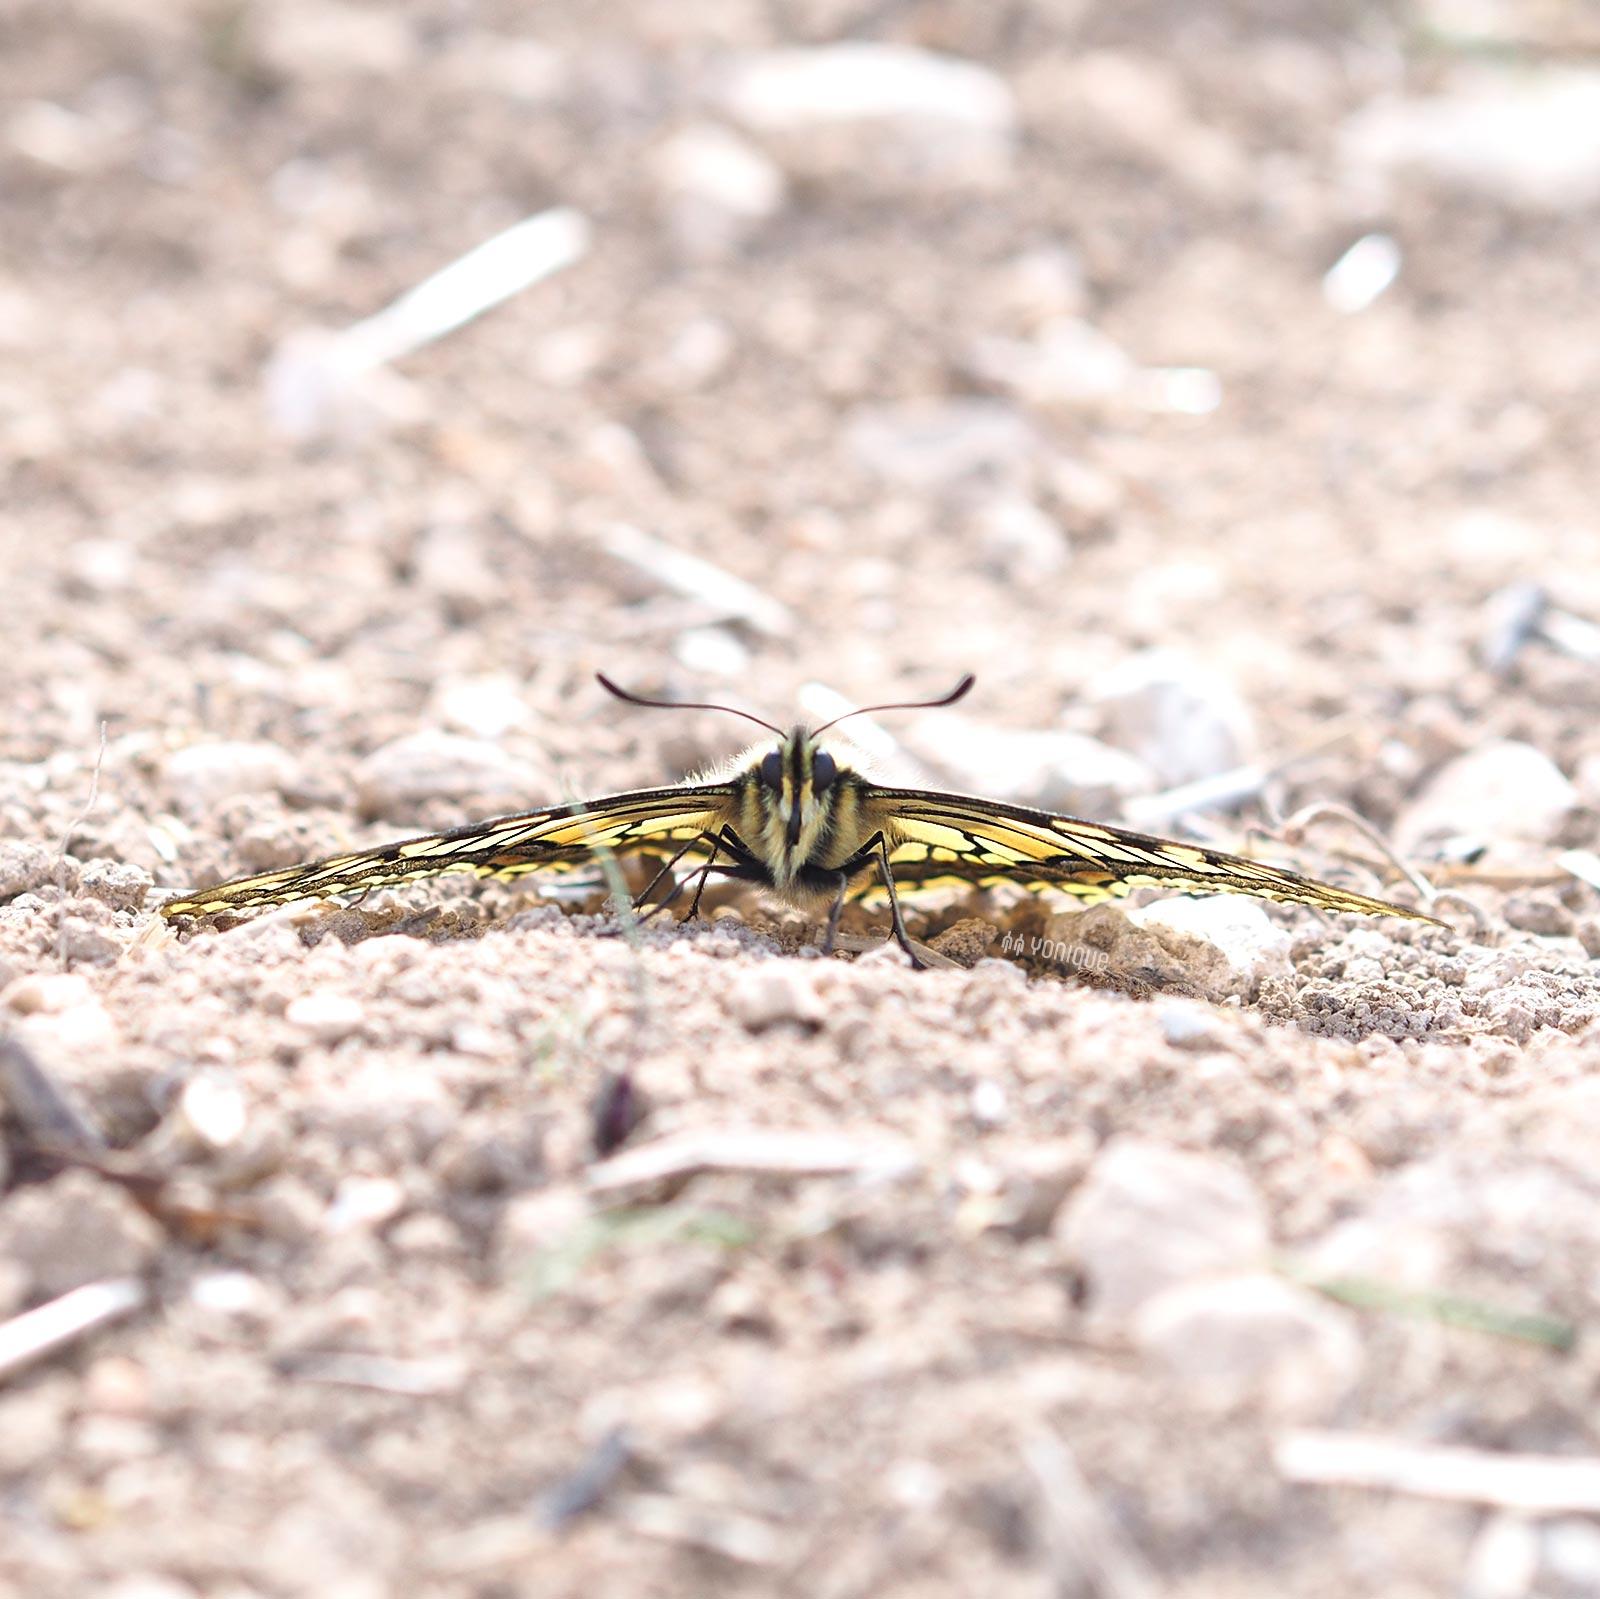 mariposa-macaon-papilio-machaon-castilla-leon-yoniquenews-laboutiquedemelimelo